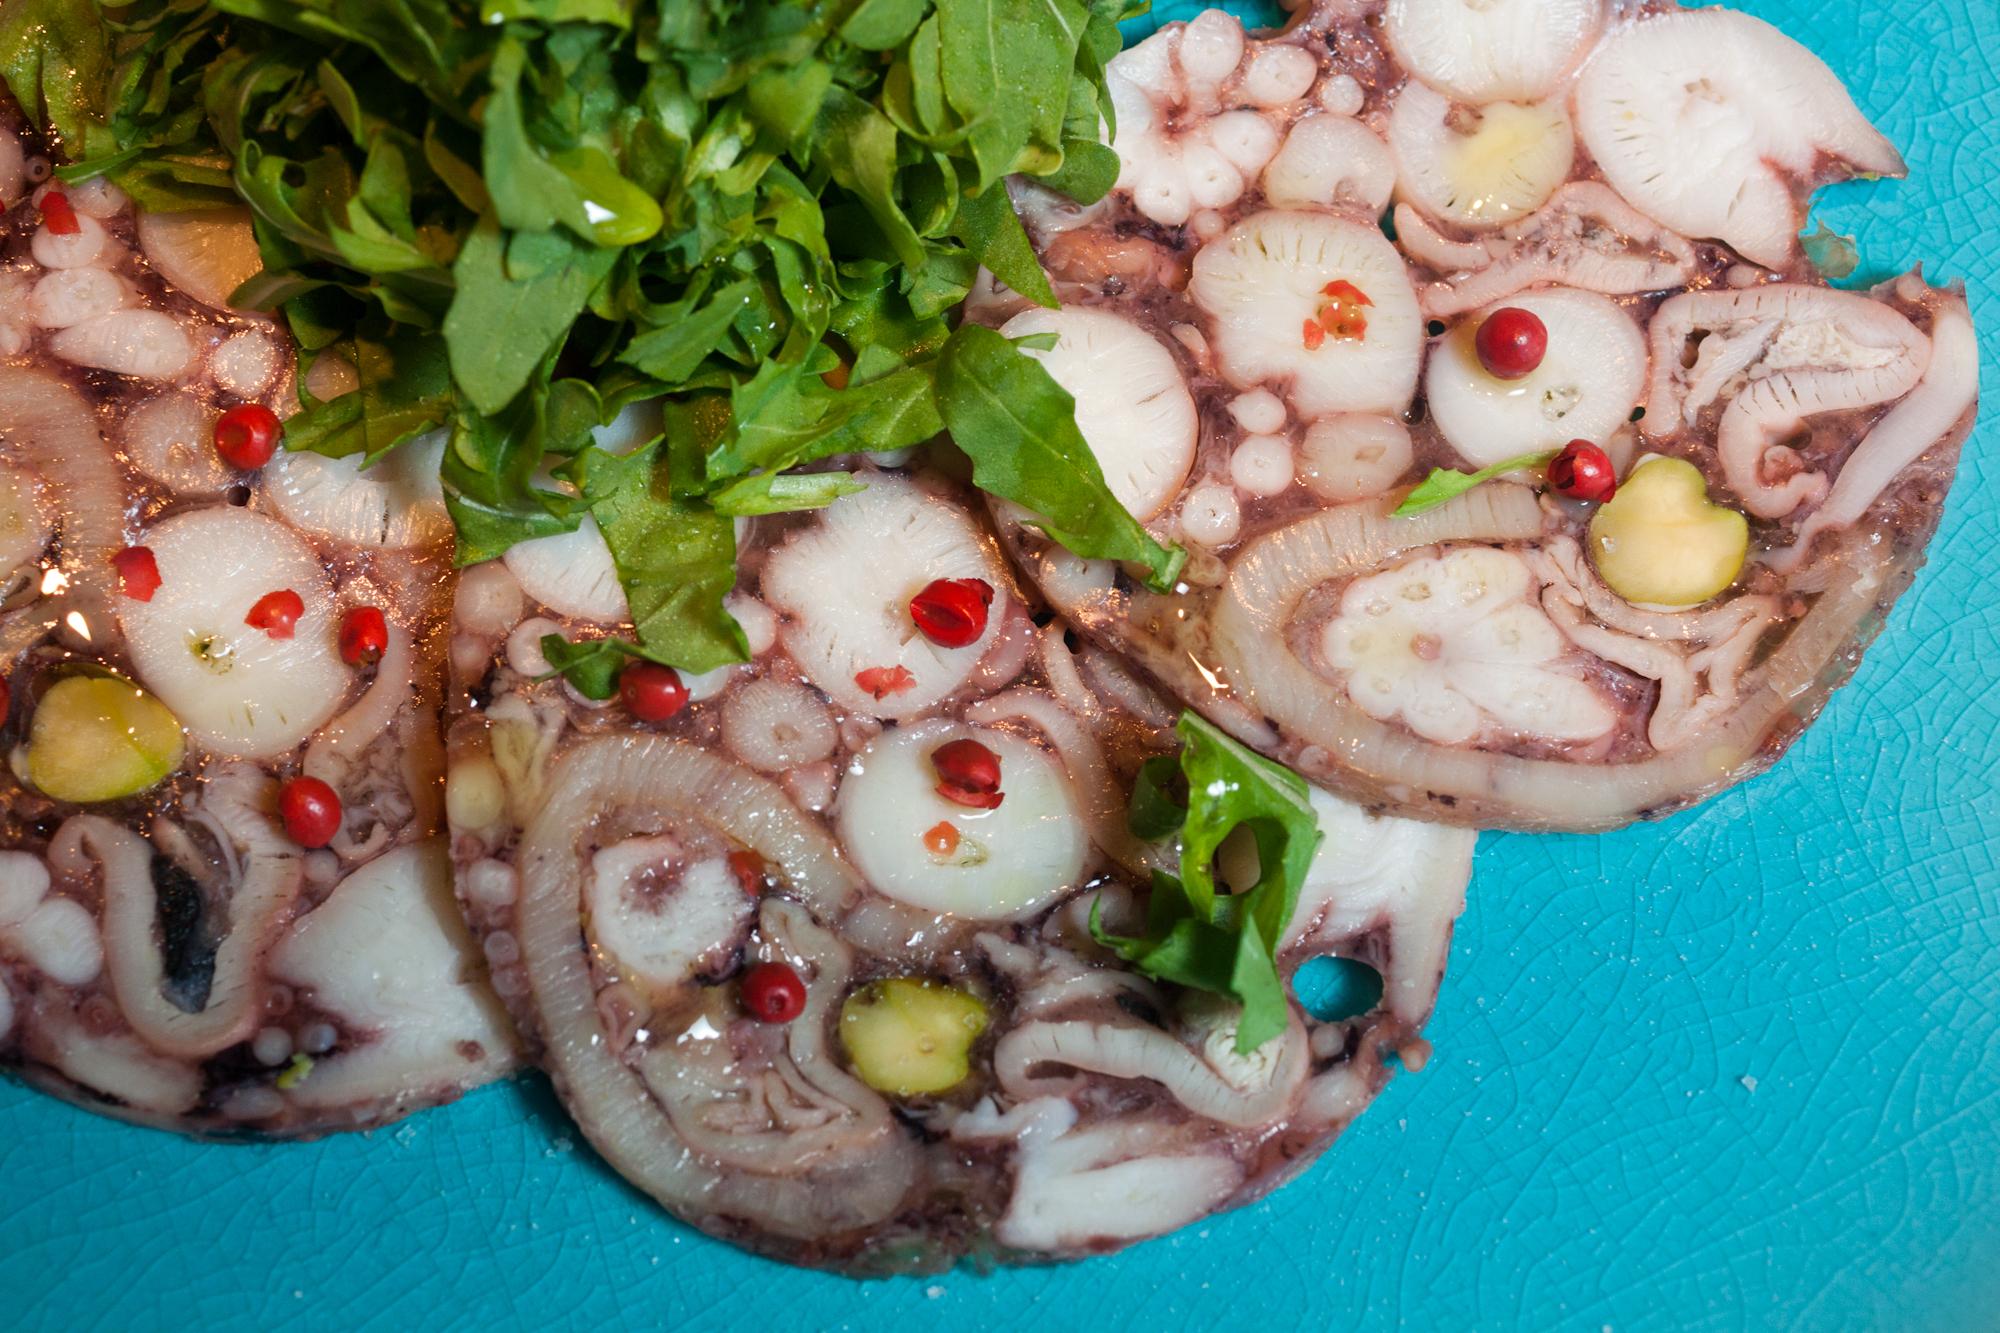 Octopus and pistacchio soppressata antipasti